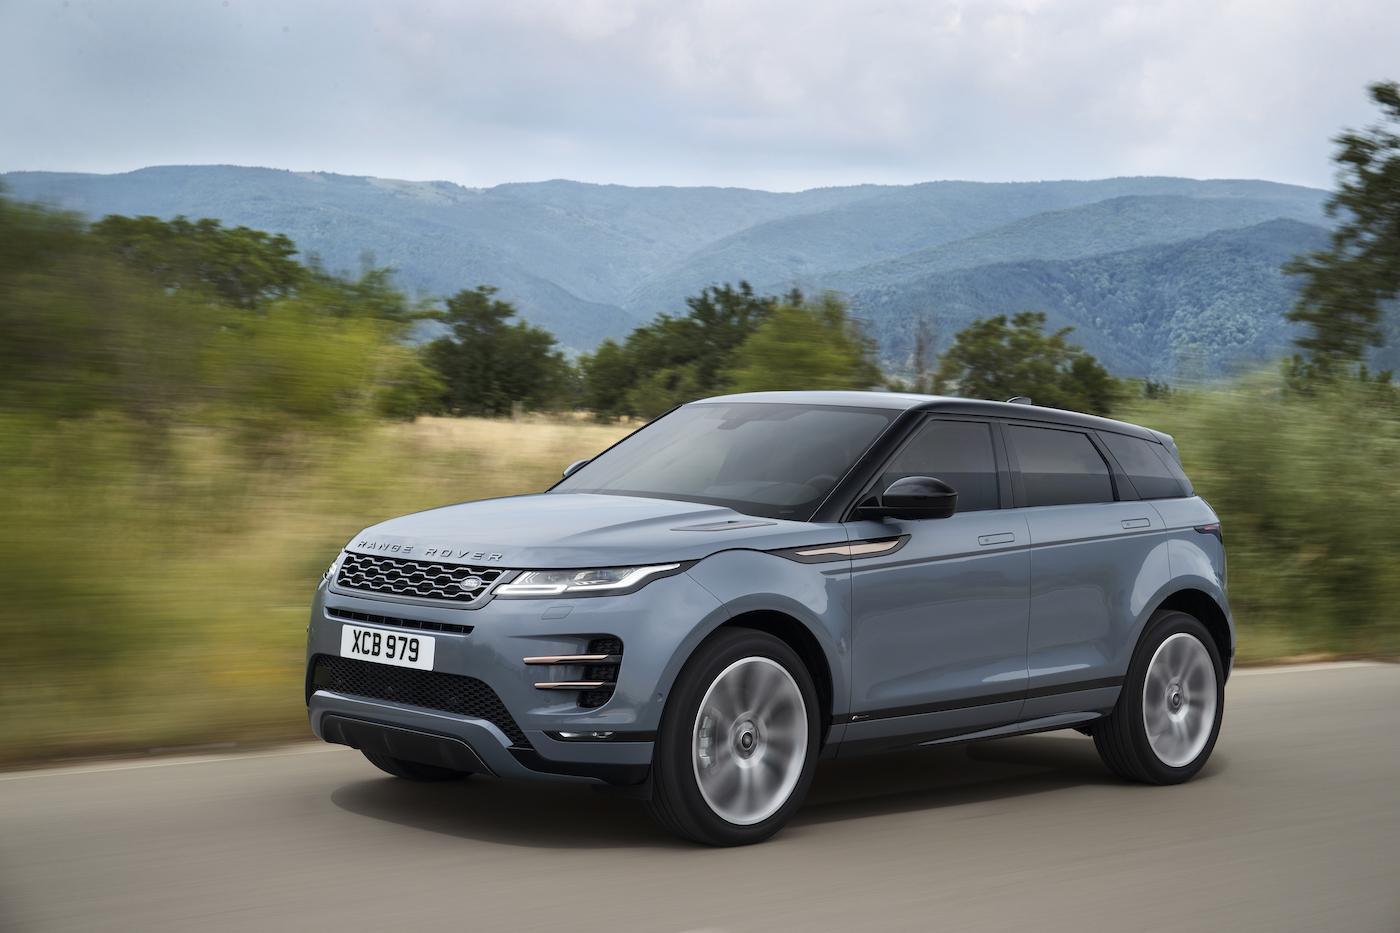 Der neue Evoque: Range Rover übertrifft sich selbst 13